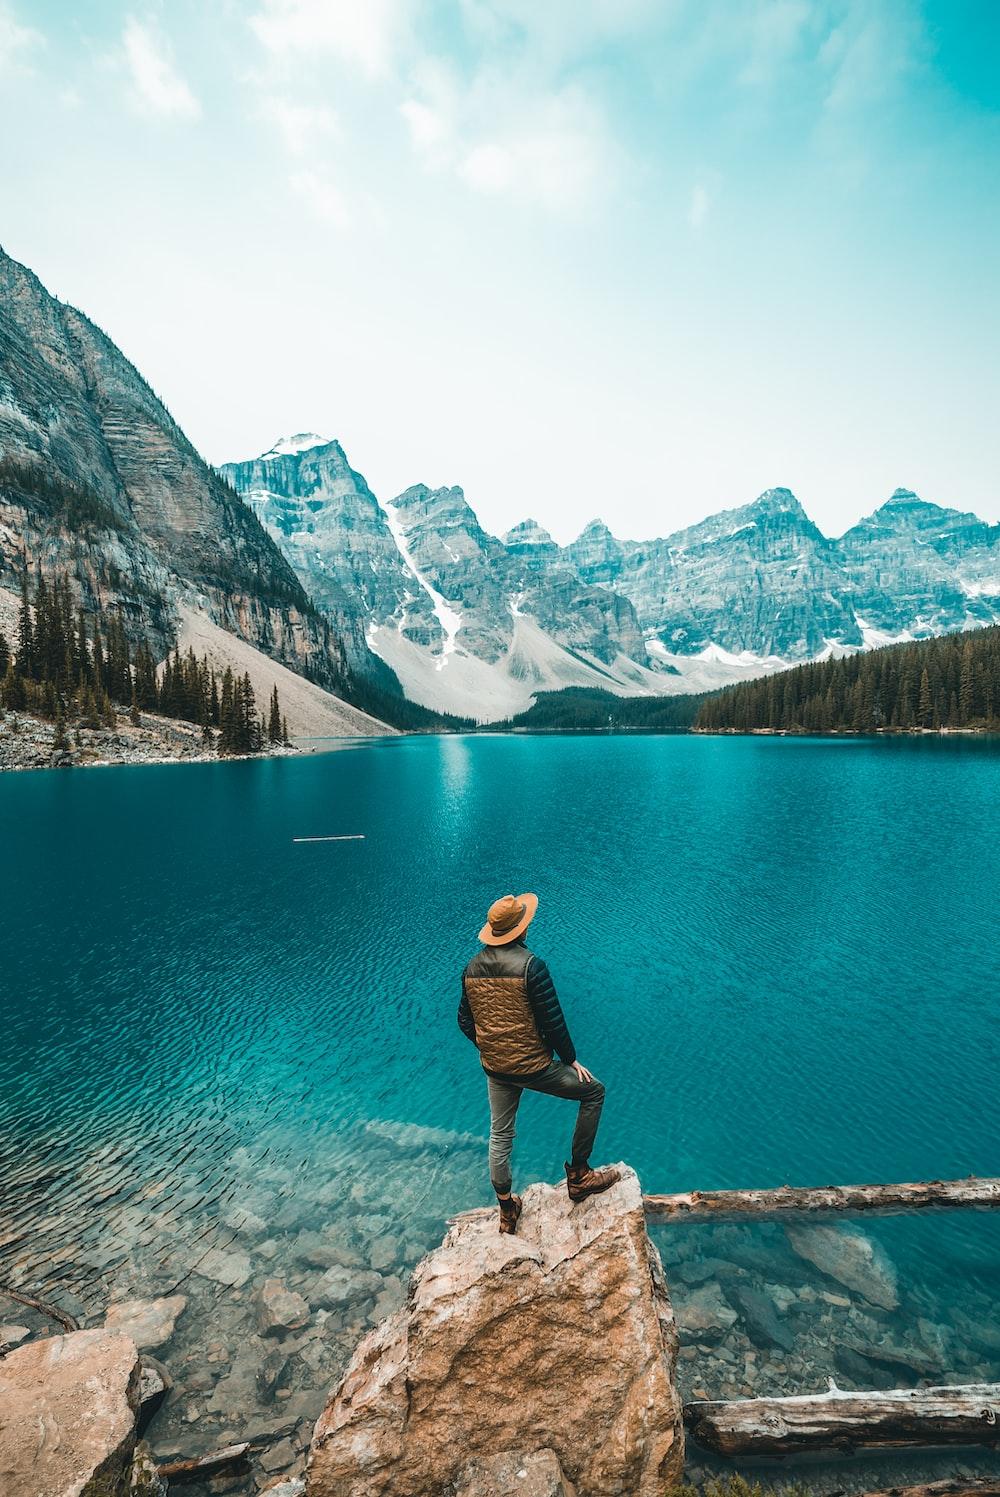 man standing on rock near lake